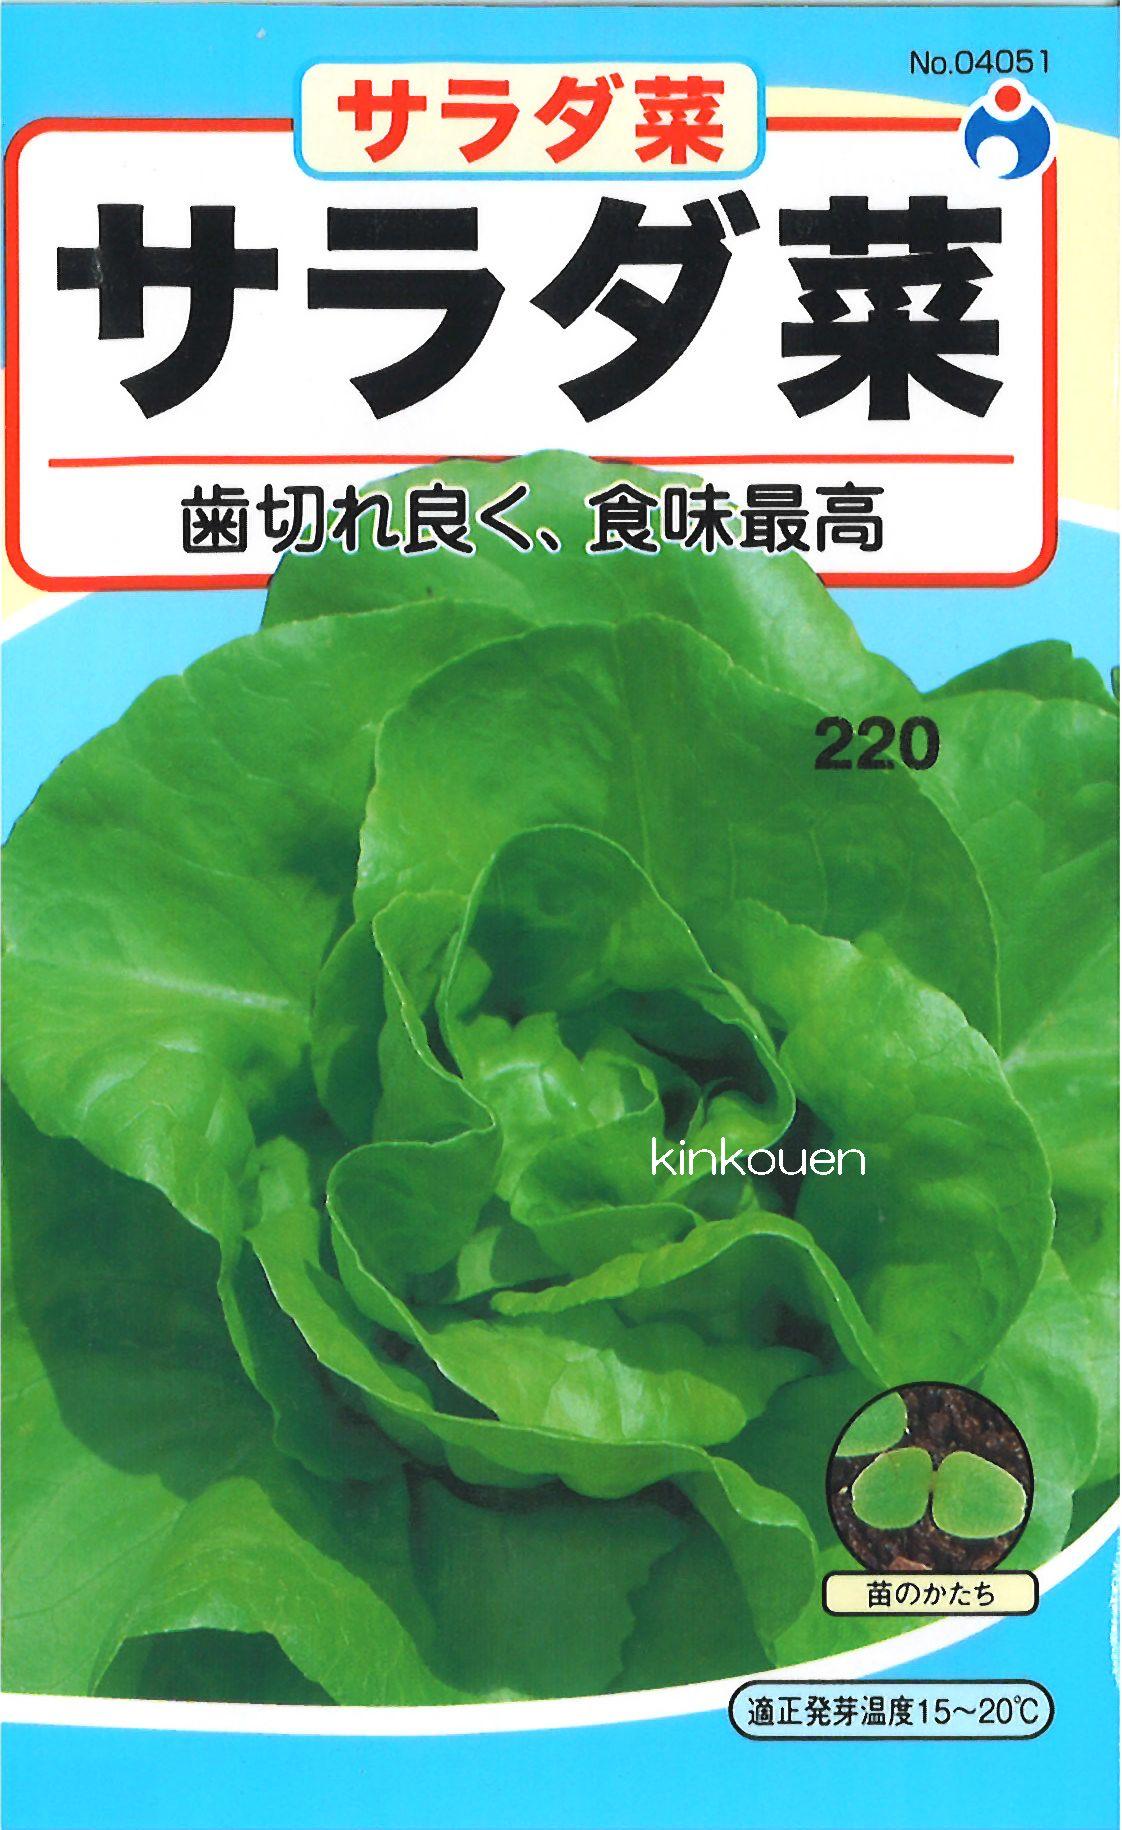 ≪代引不可≫≪5袋まで送料80円≫ □サラダナ サラダ菜